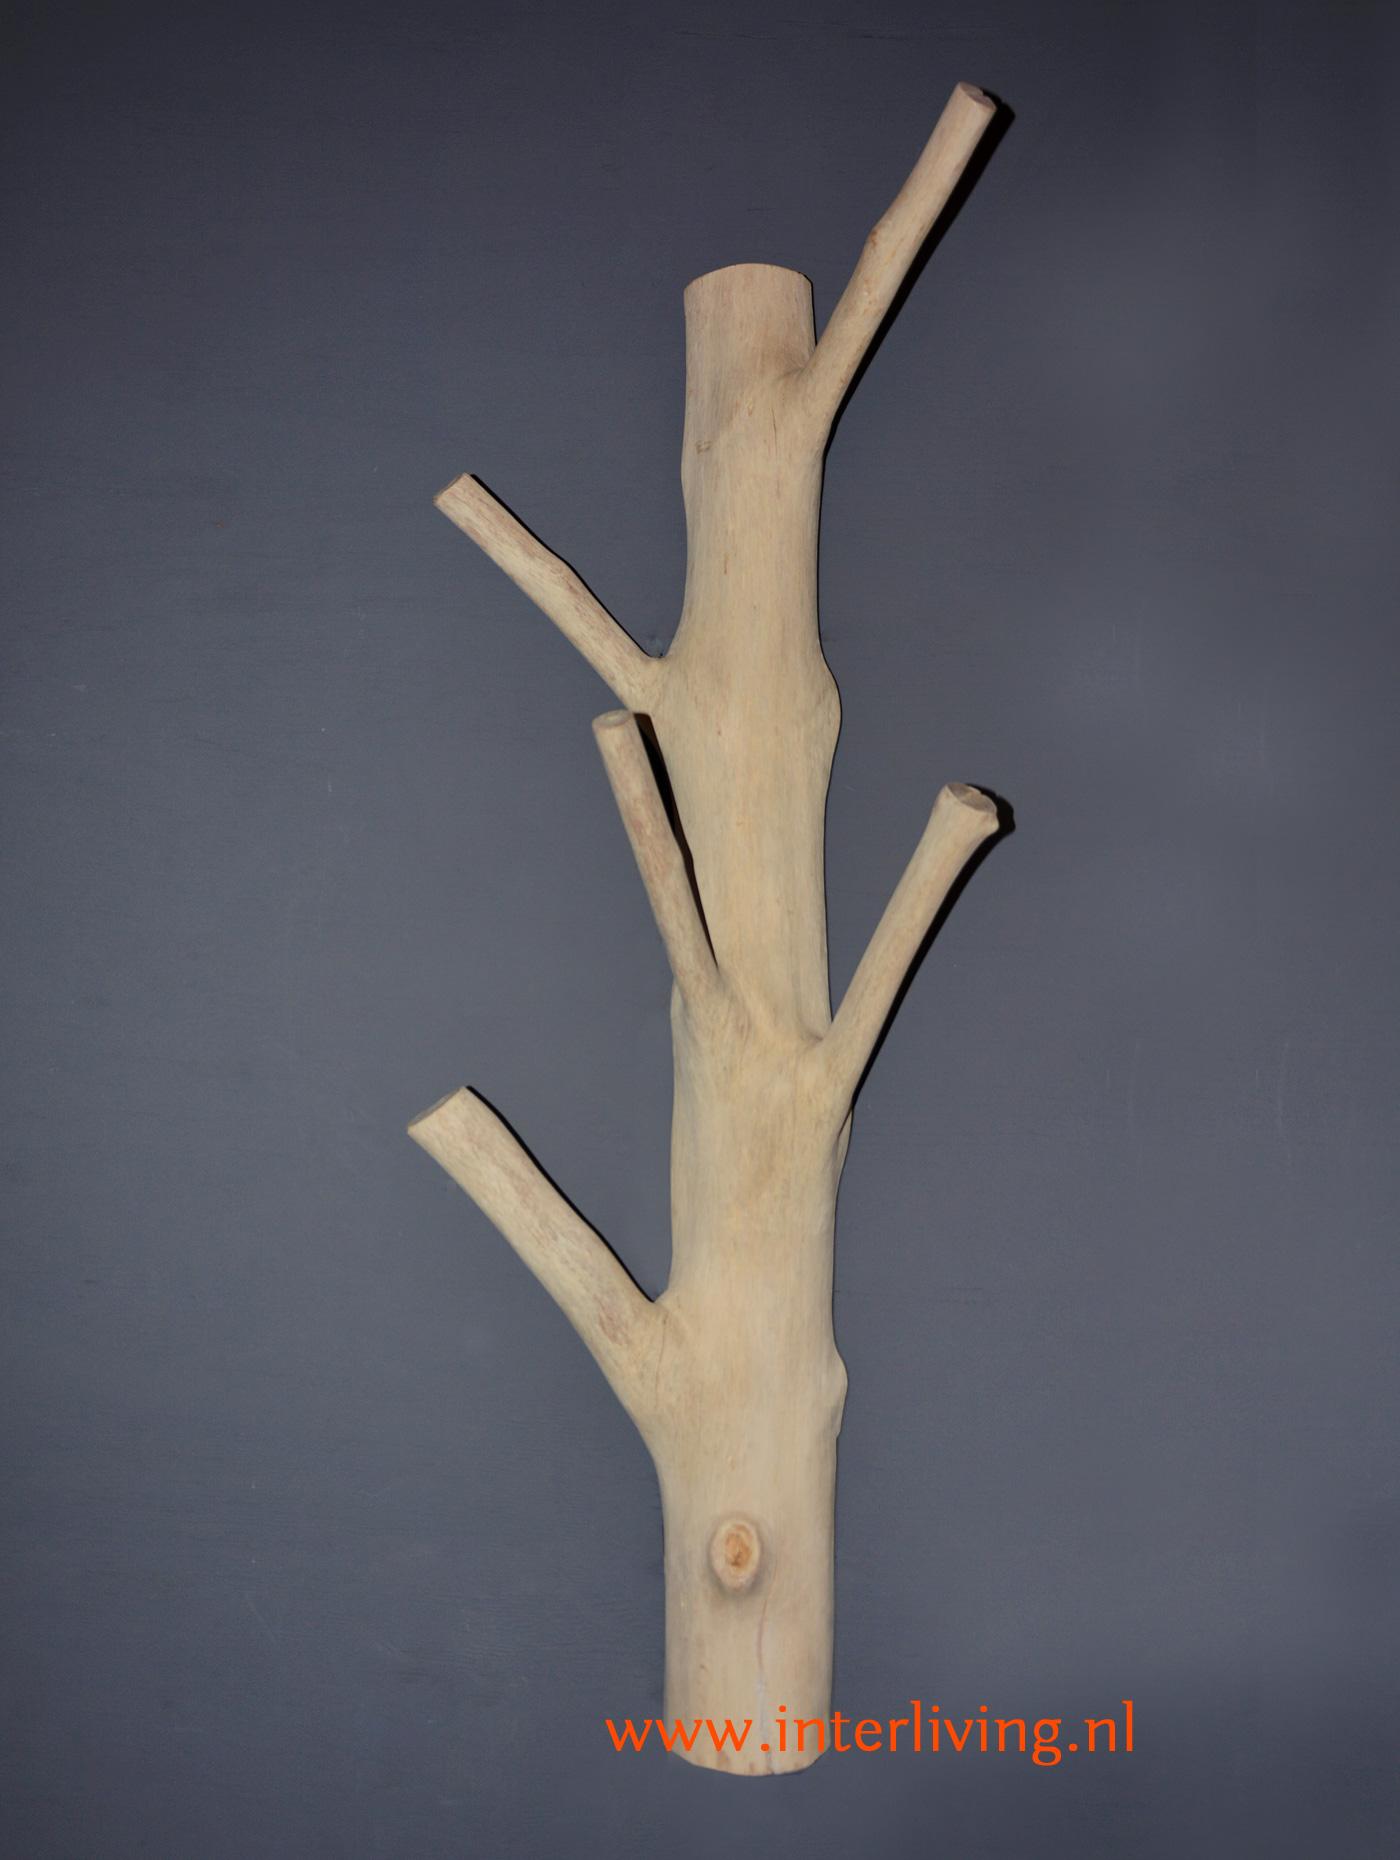 kapstok op grijze muur - kale boomstam met vijf knoestige takken als kapstokhaken - opgeruimde hal of gang styling